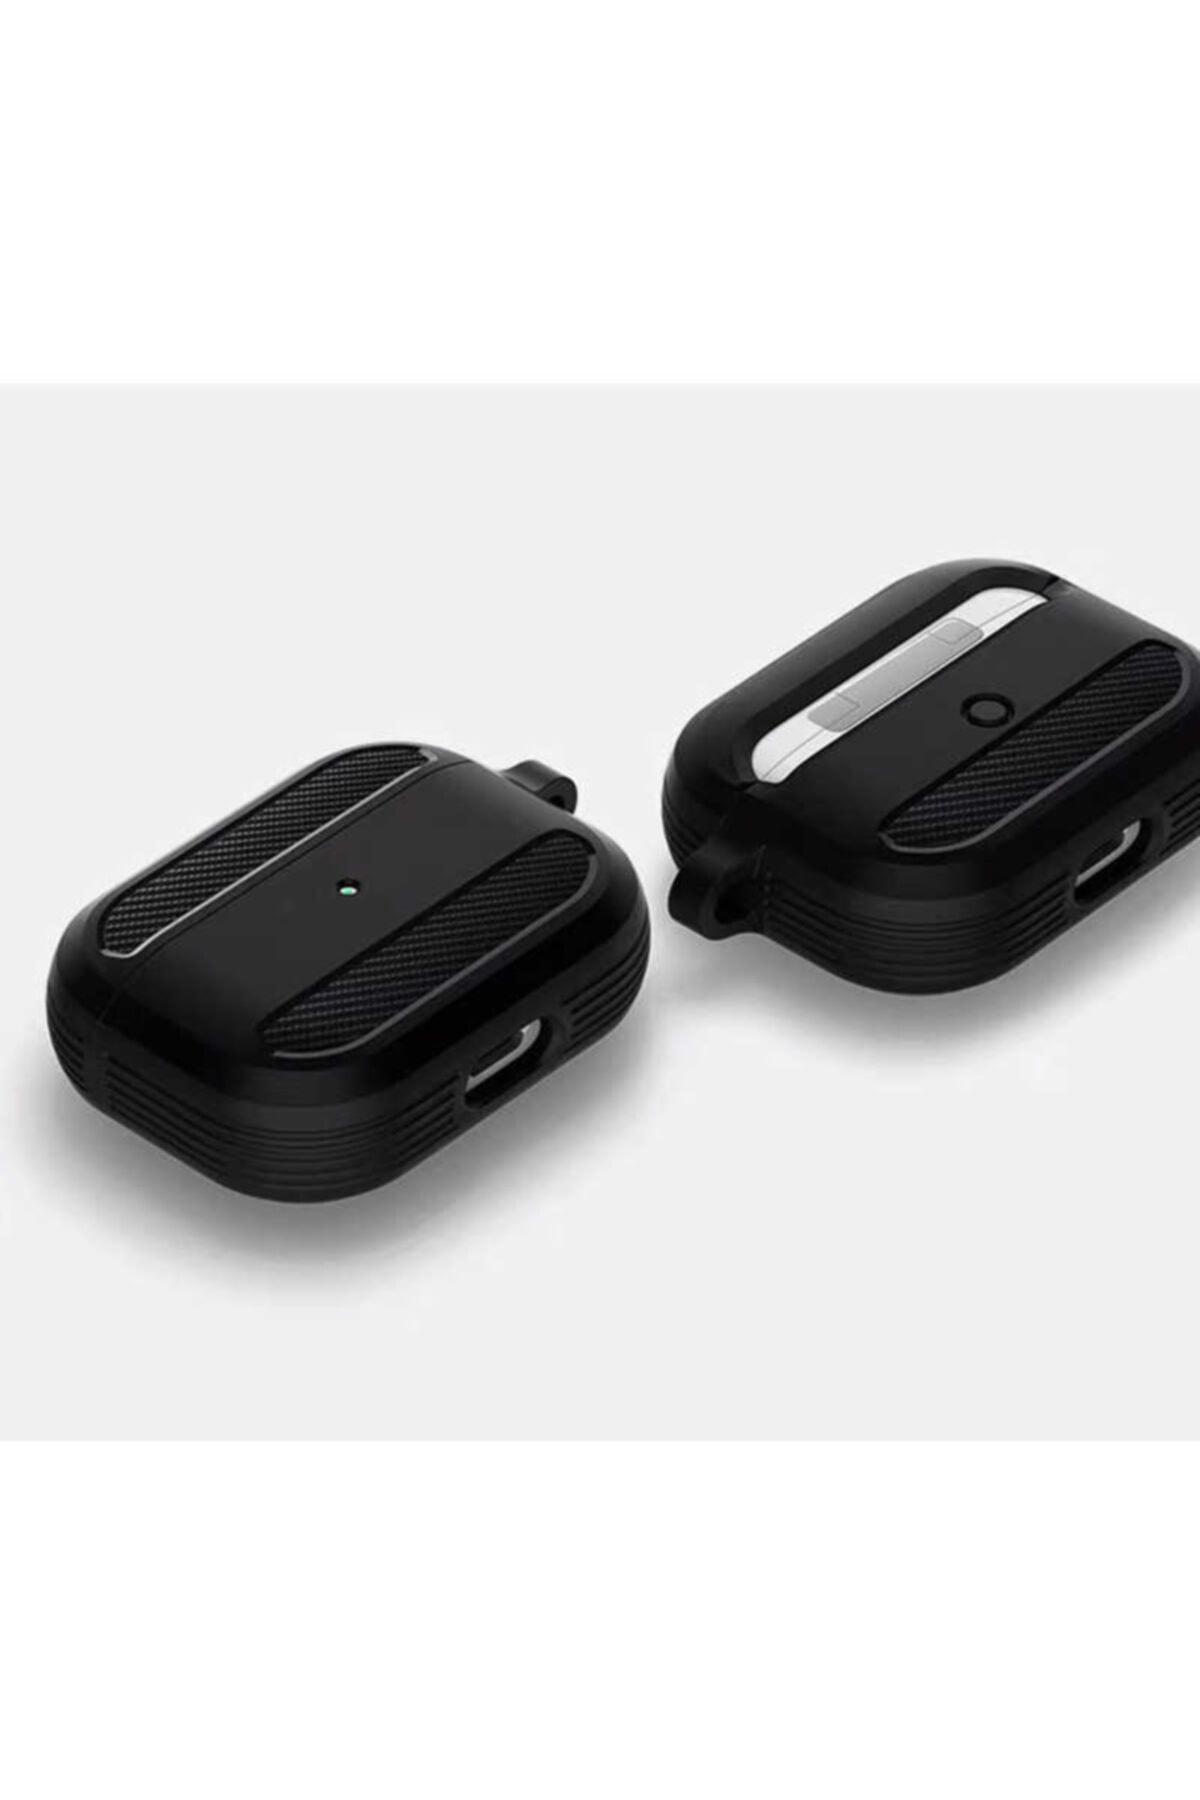 WIWU Apple Airpods Pro Kılıfı Karbon Tasarımlı Tpu Wireless Şarj Destekli Askılı Aparatlı Kılıf 2